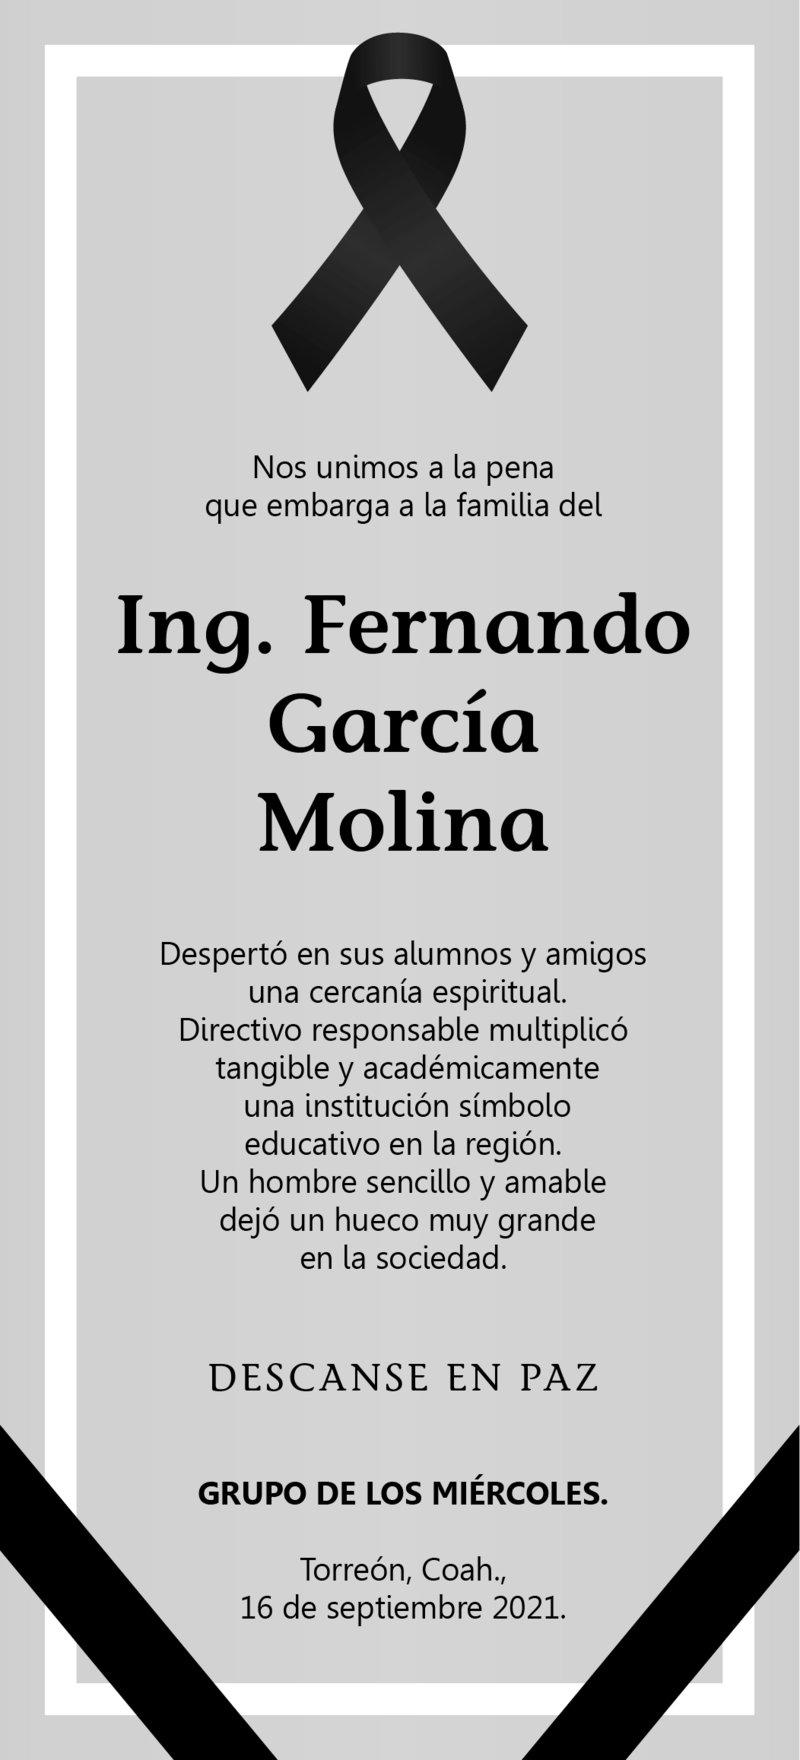 CONDOLENCIA: ING. FERNANDO GARCÍA MOLINA. Su grupo de los miércoles, se unen a la pena que embarga a la familia de su amigo, el Ing. Fernando, por esta irreparable pérdida. Descanse en paz.